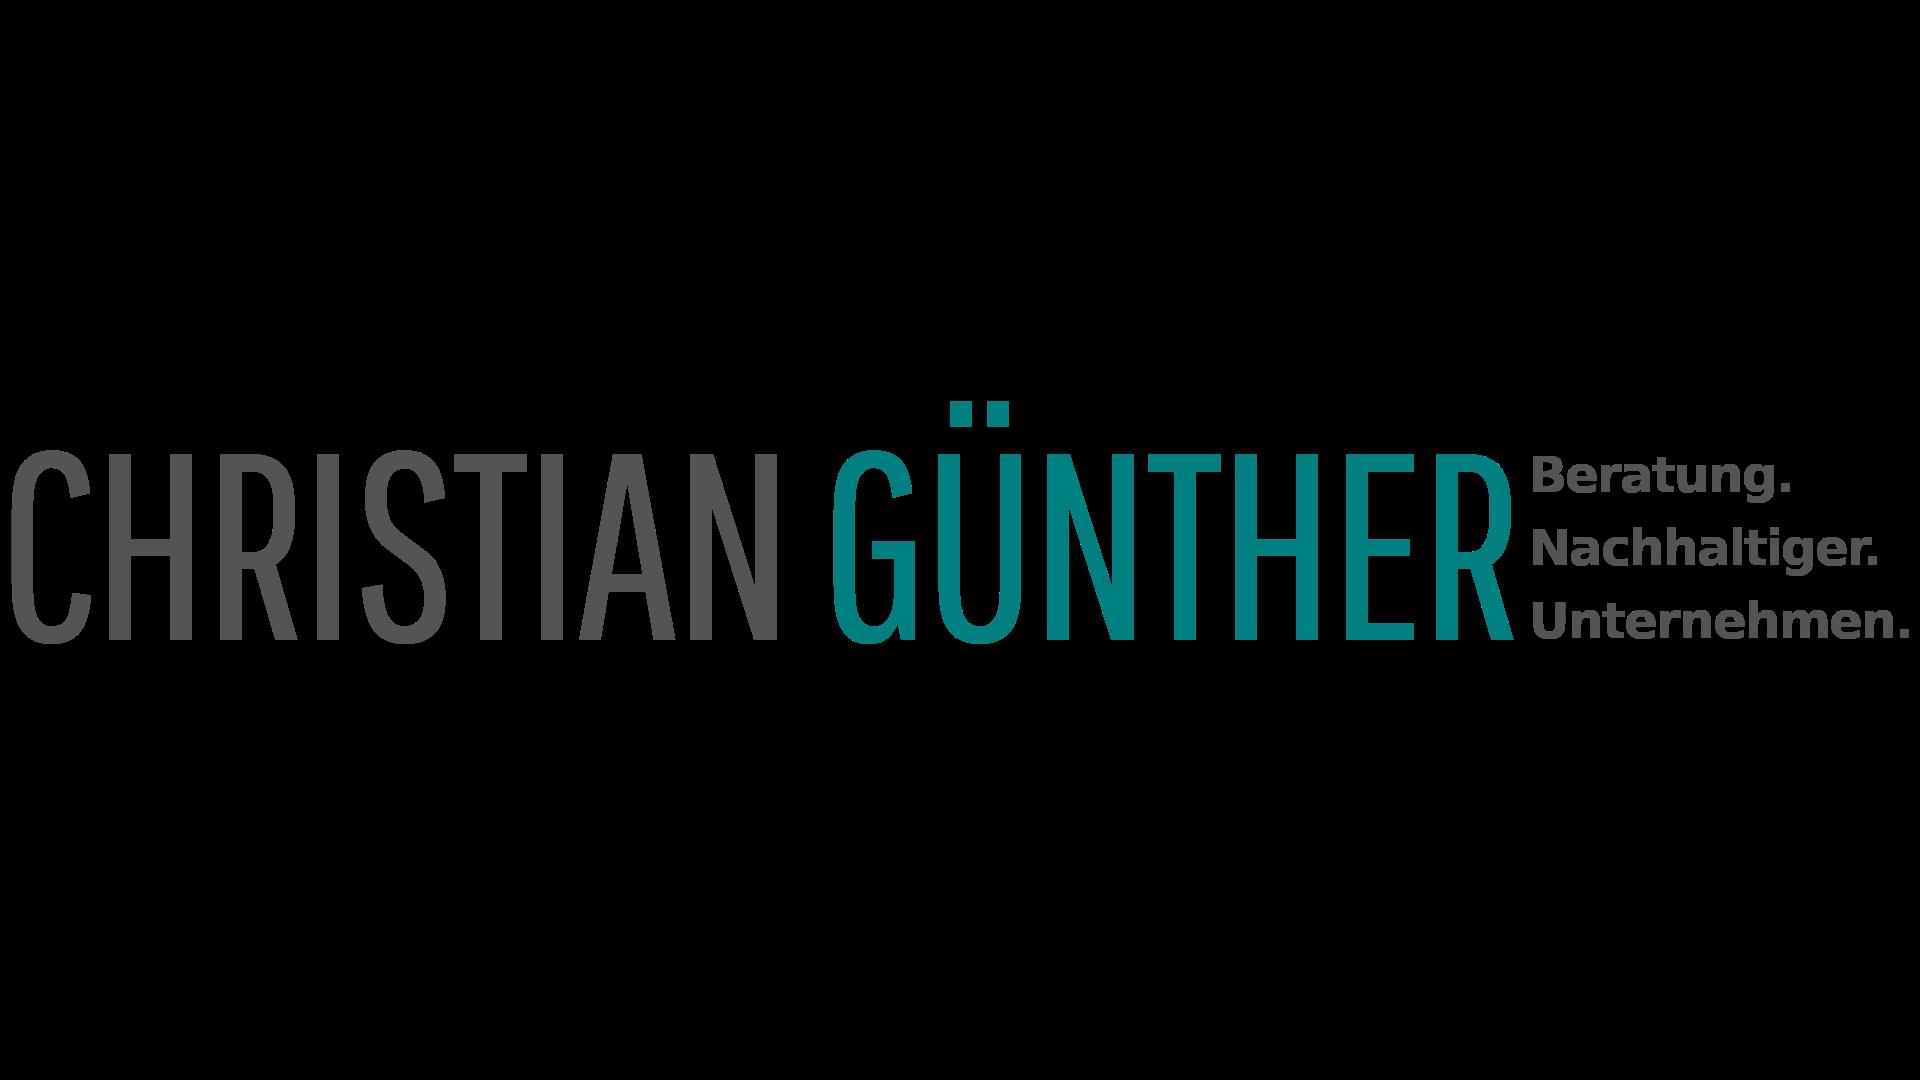 CHRISTIAN GÜNTHER – Beratung. Nachhaltiger. Unternehmen.